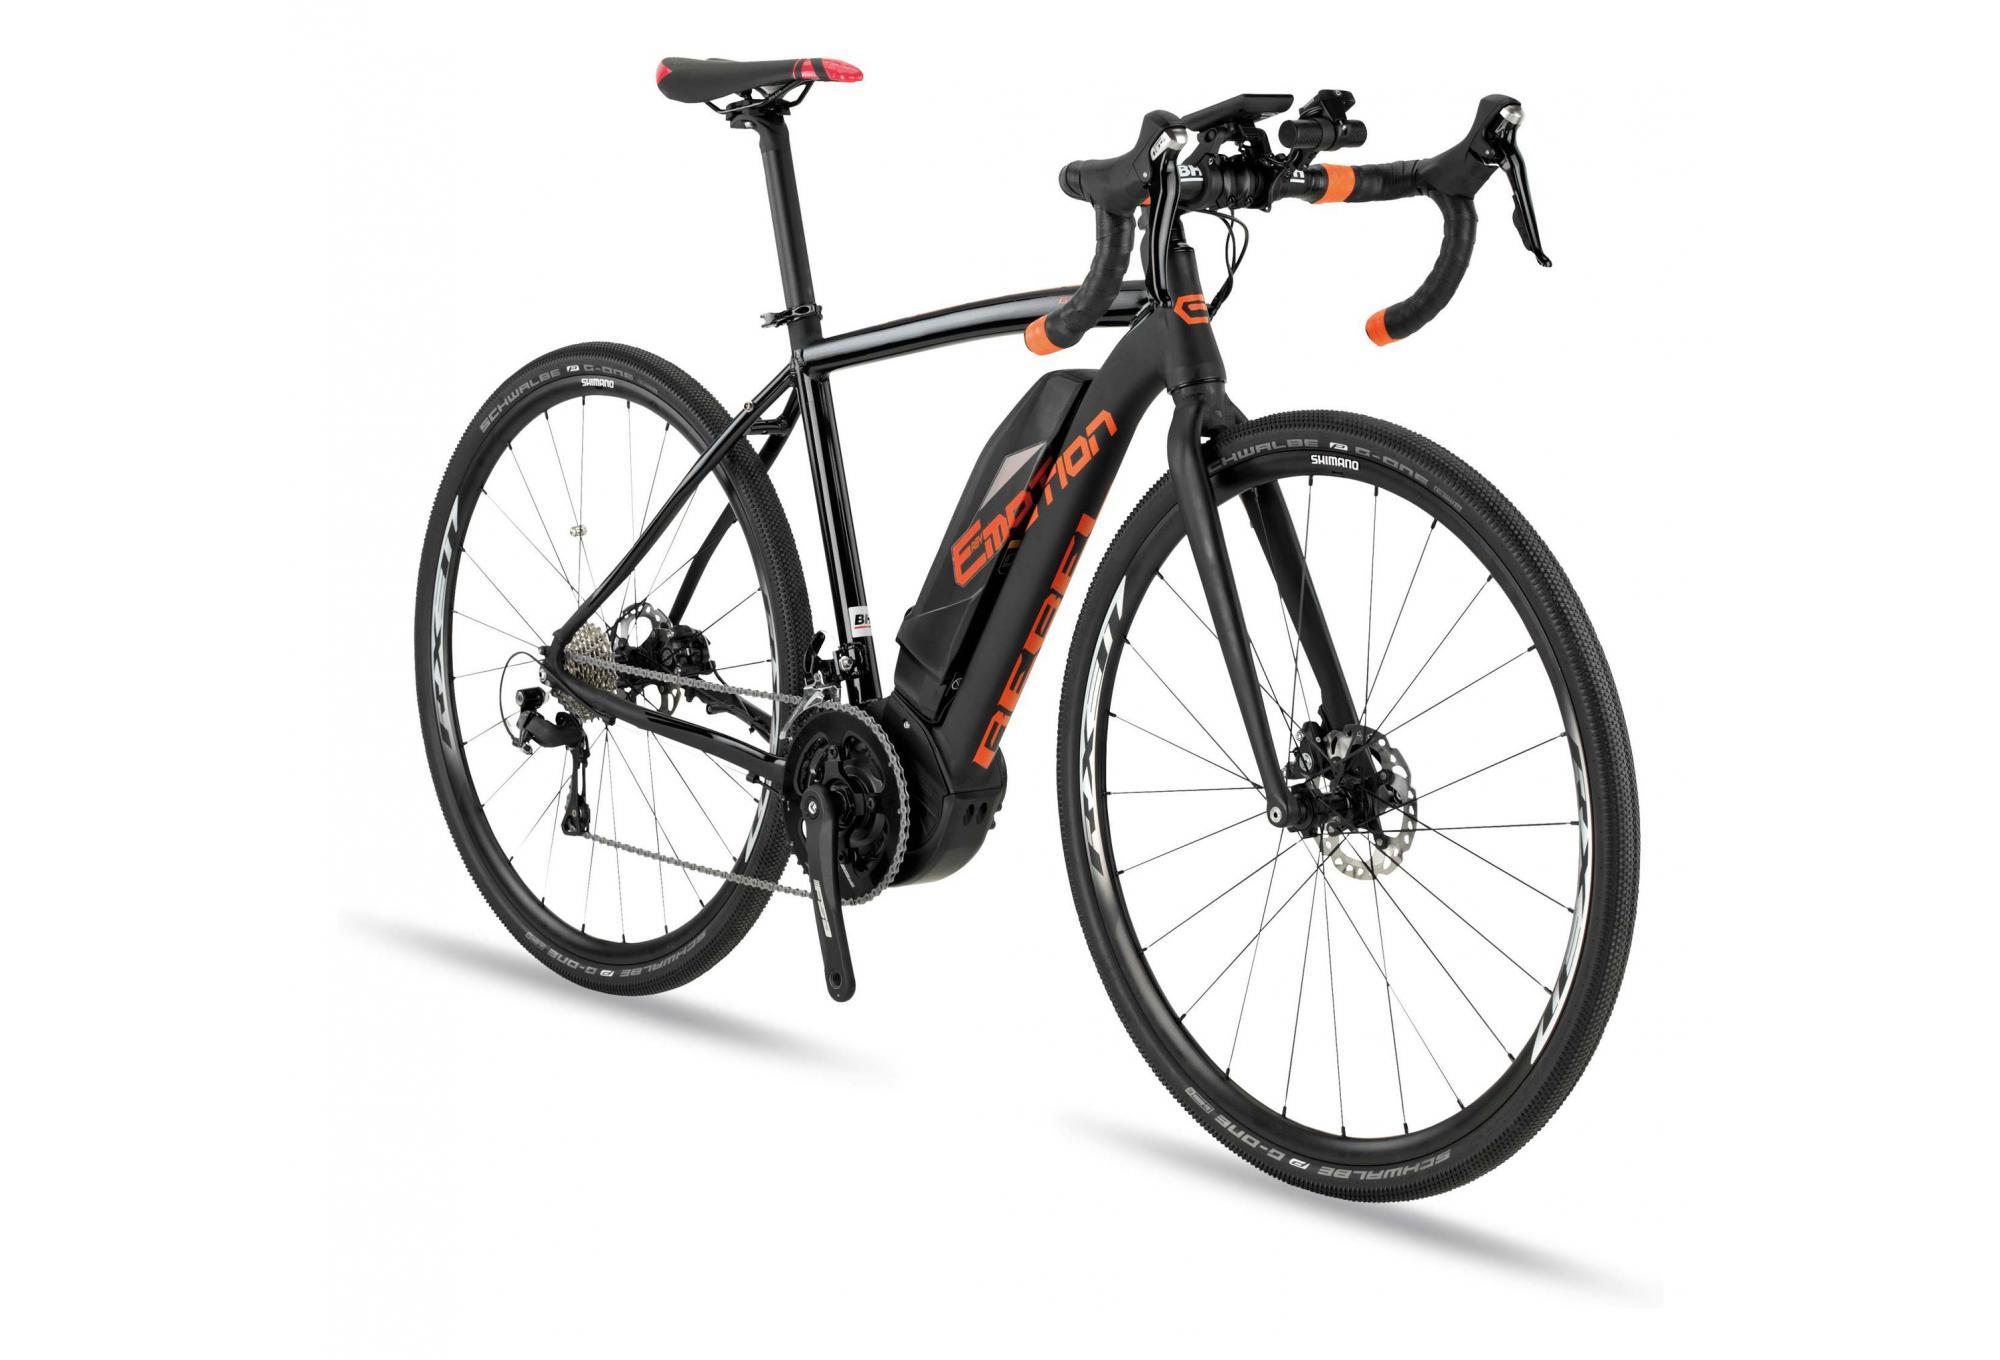 BH Rebel GravelX Gravel Bike Shimano 105 11s Black